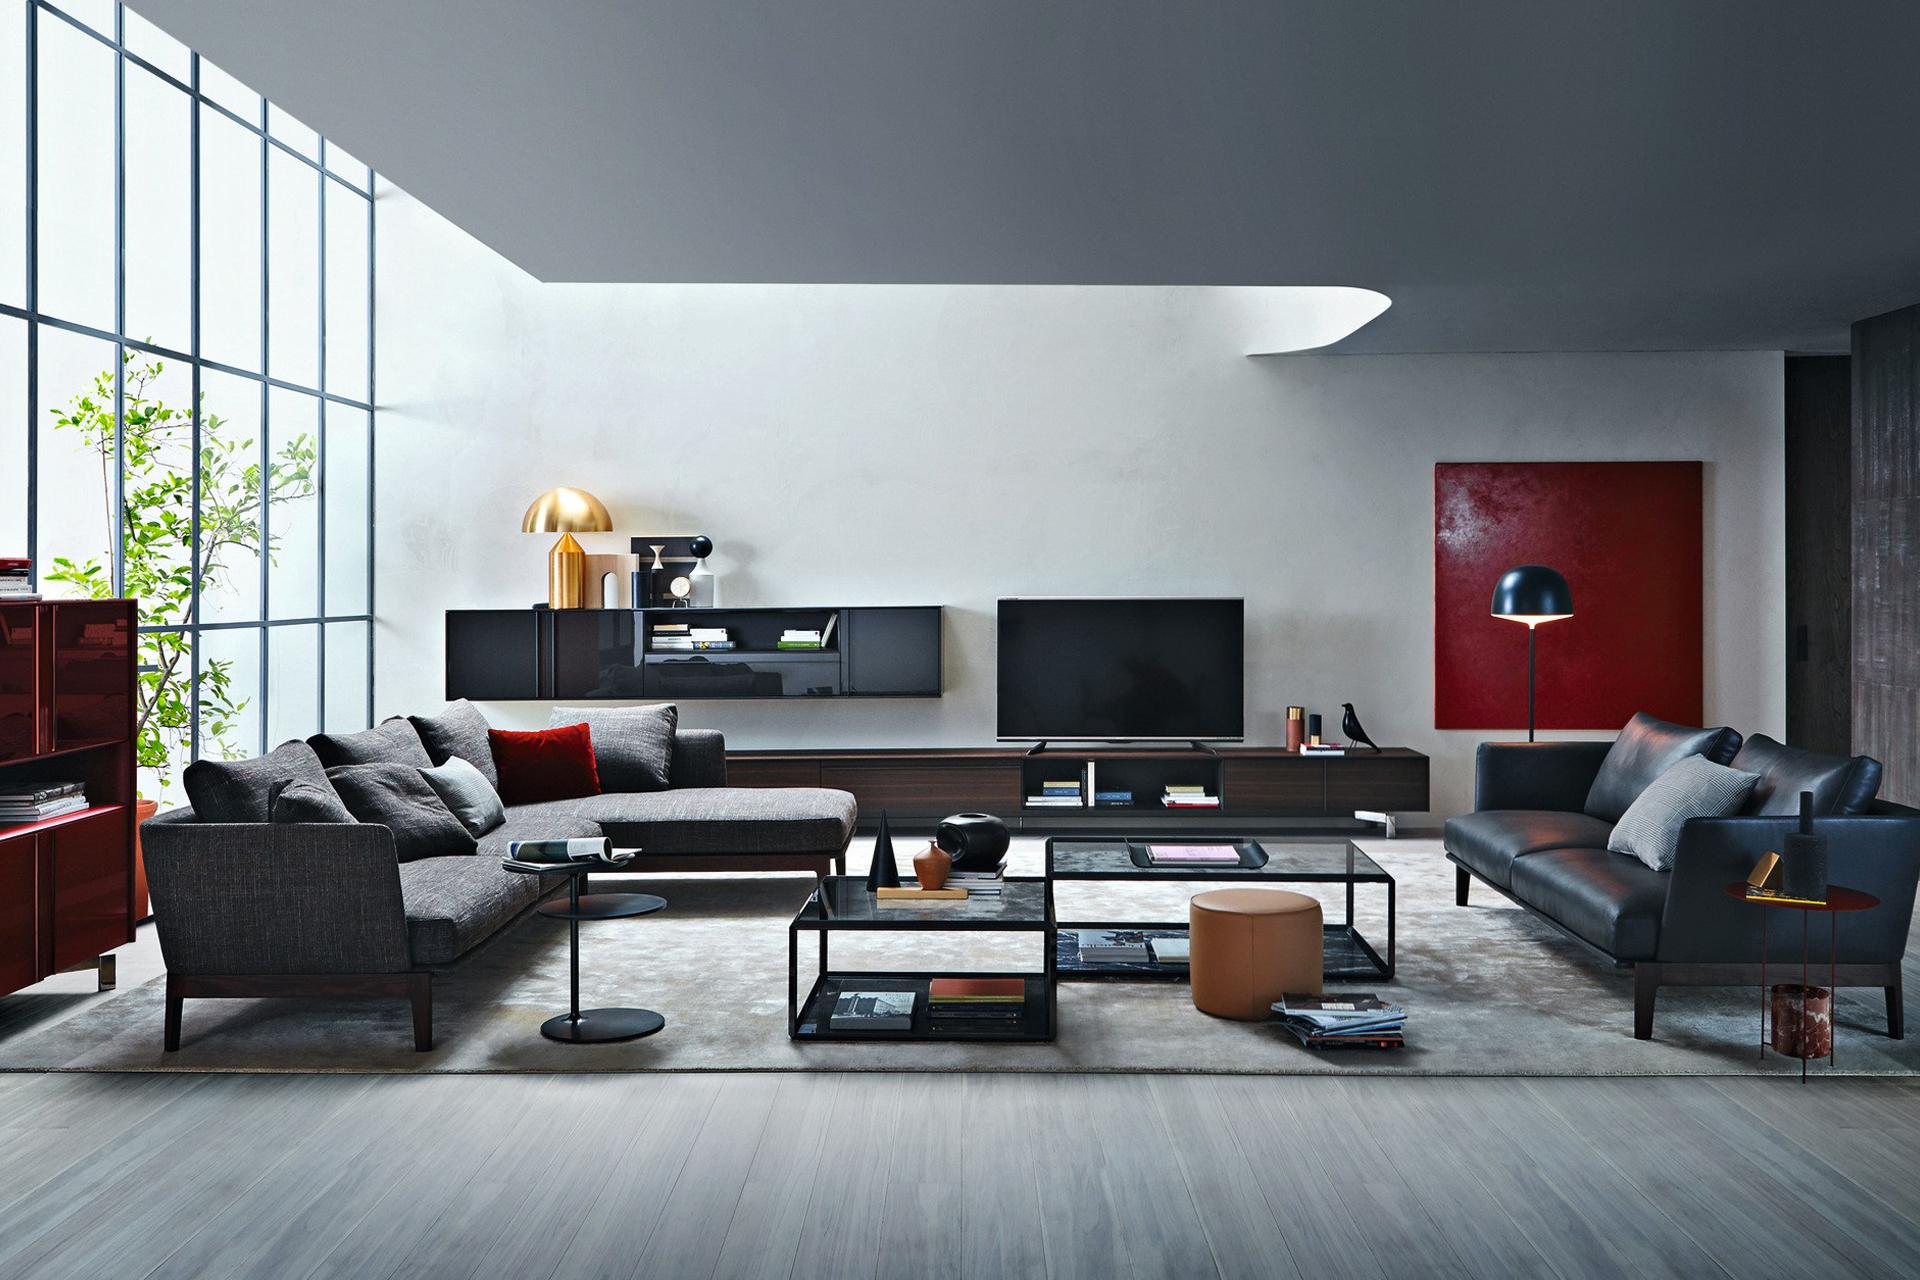 Abitare in stile molteni bruno interni for Arredamento abitare